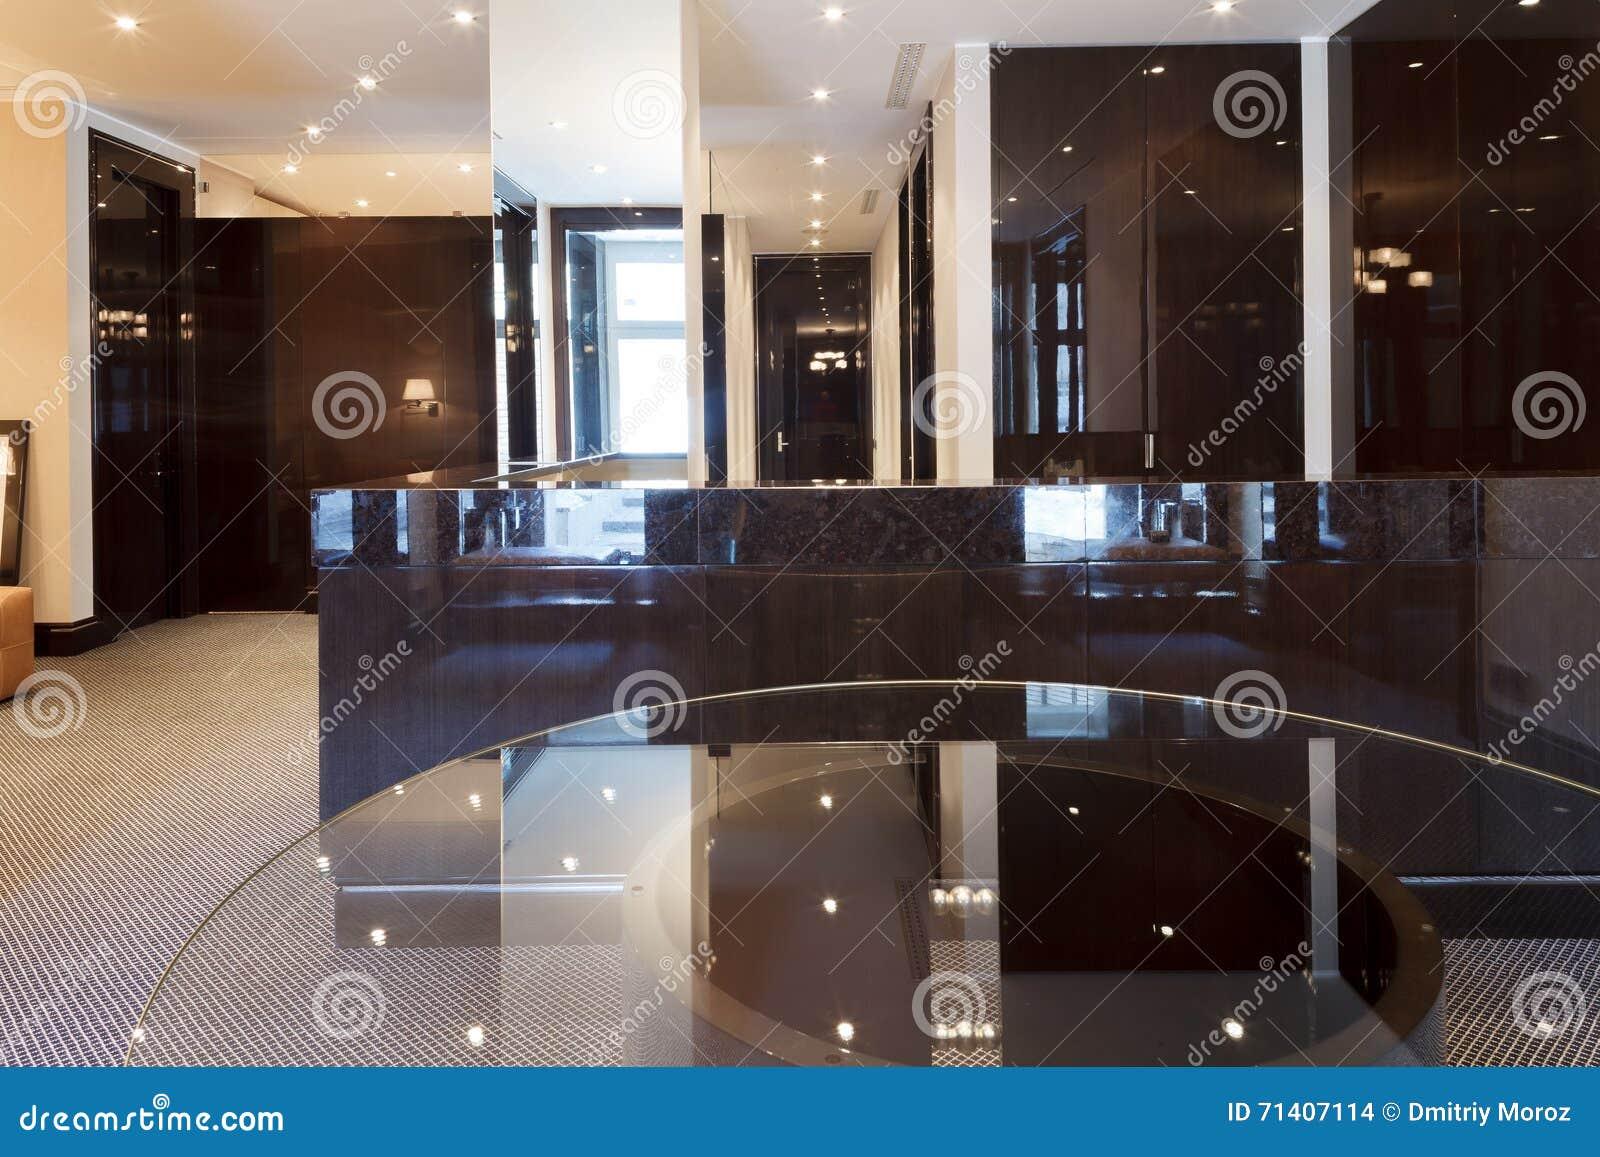 Vide In Hal : Réception de luxe vide hal photo stock image du compagnie